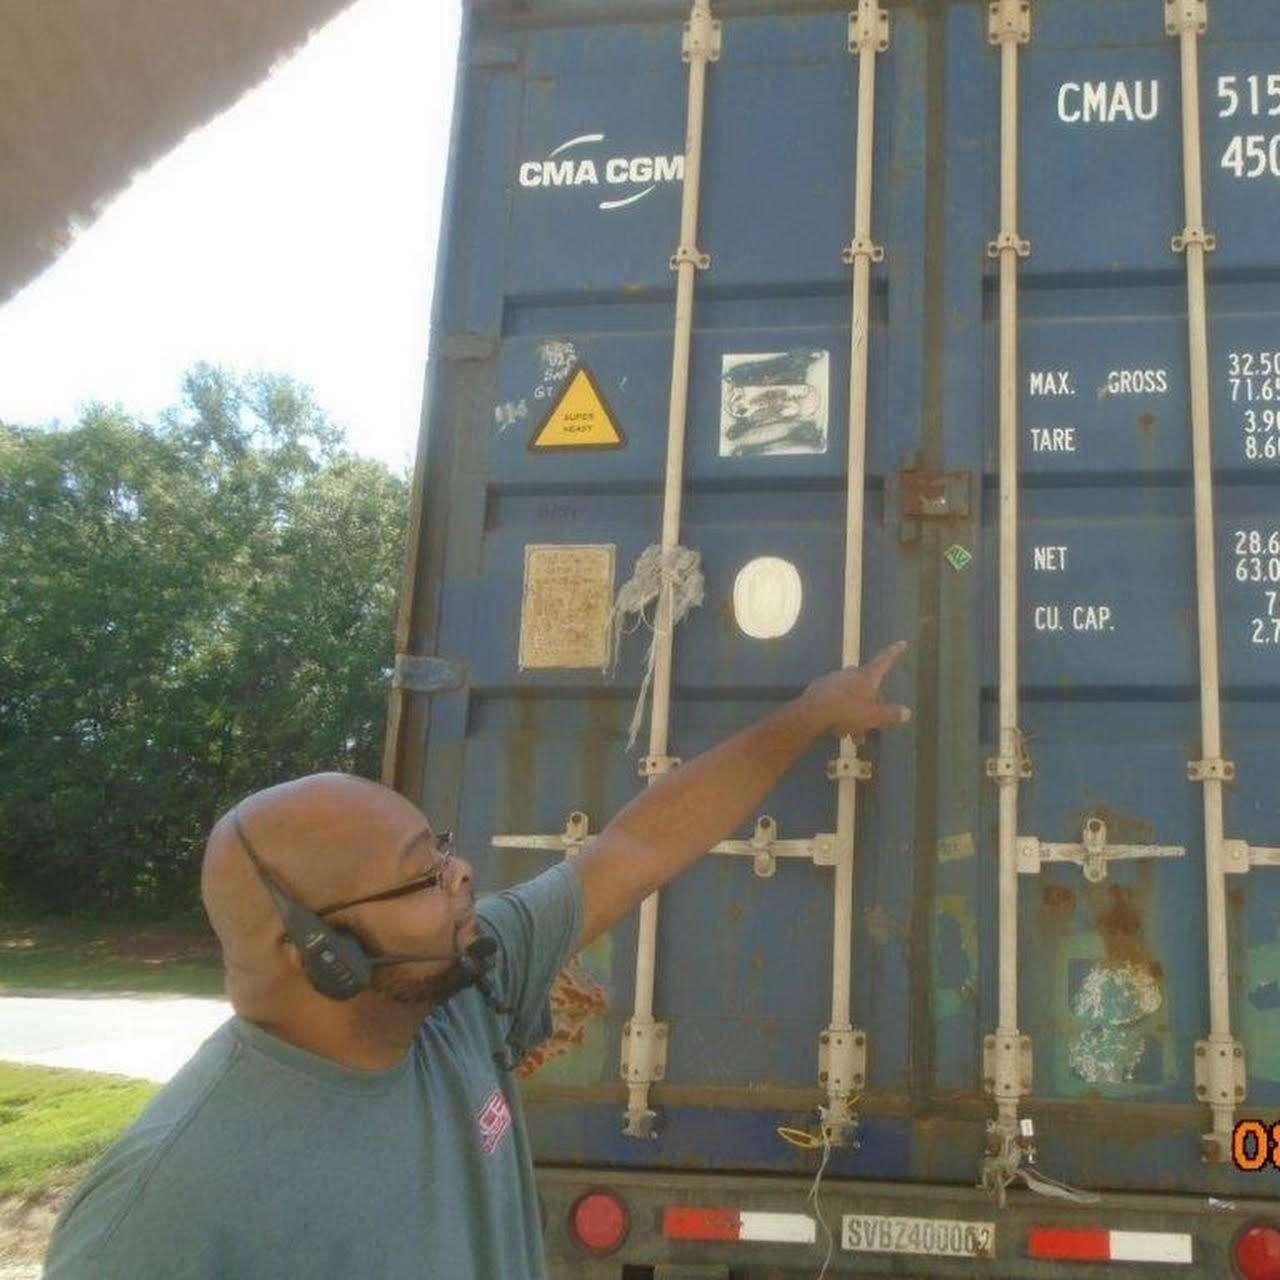 Ace Drayage - Savannah Intermodal Trucking - Trucking